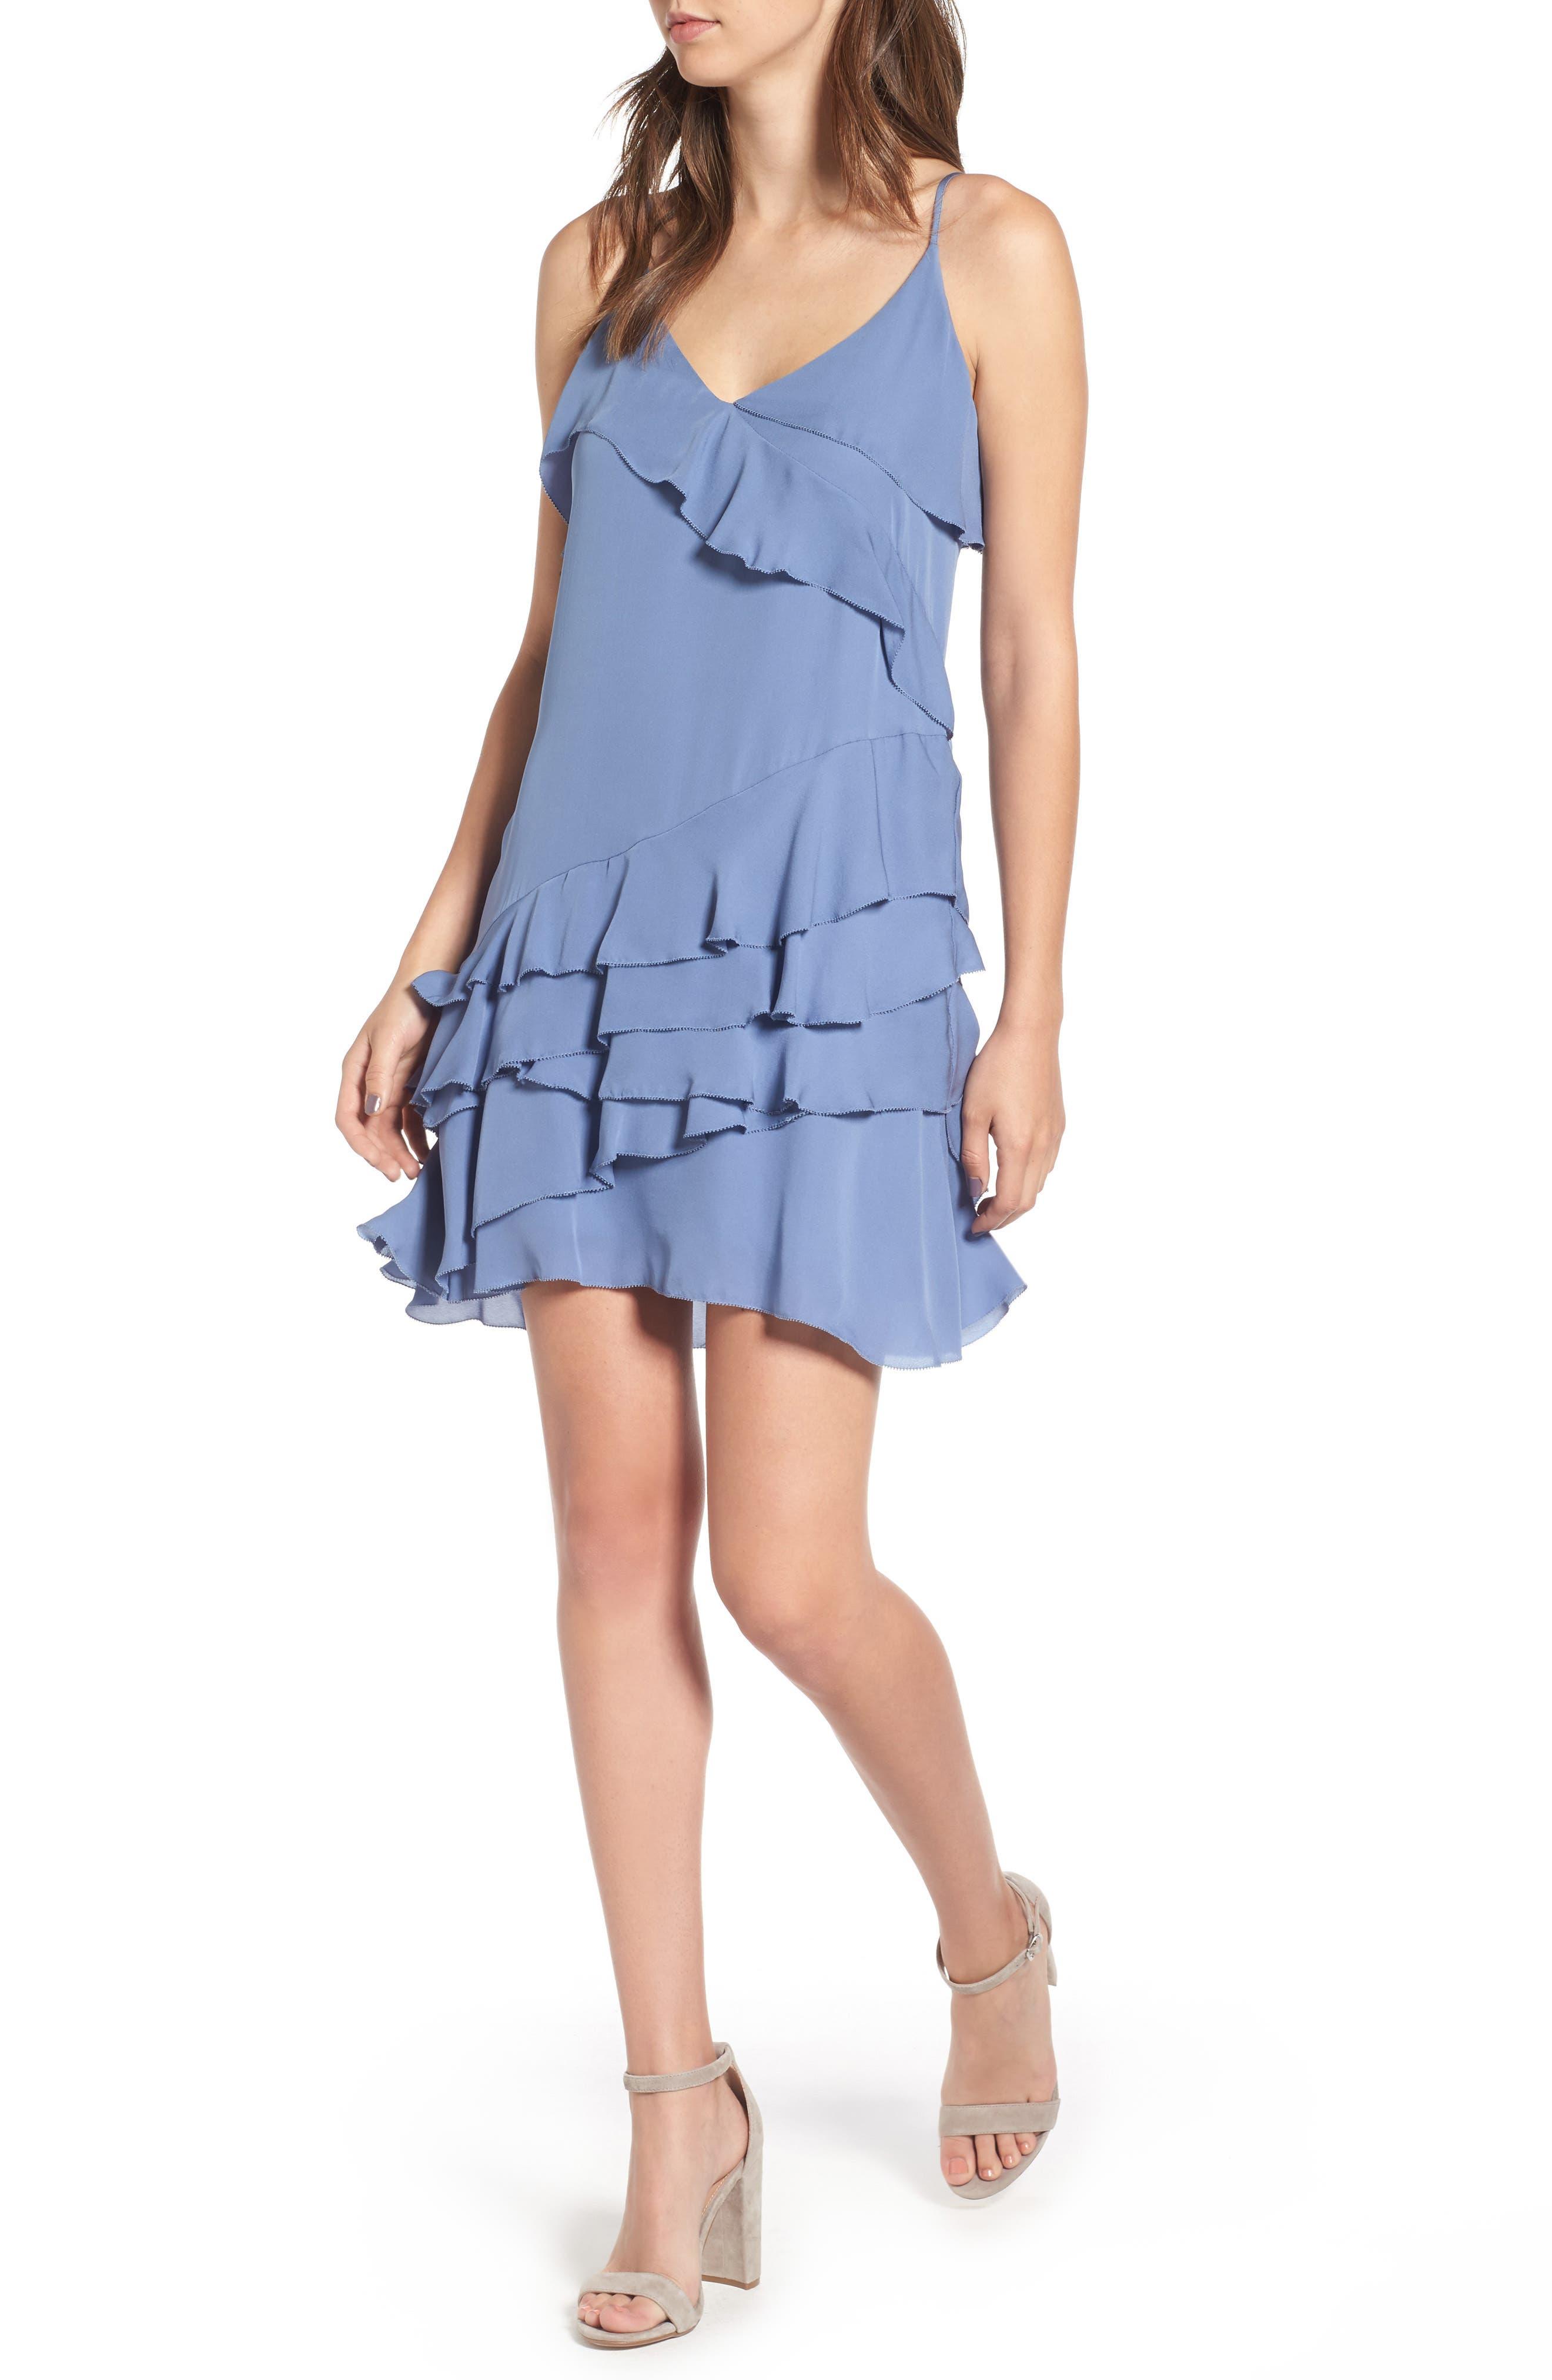 Alternate Image 1 Selected - Parker Athens Dress